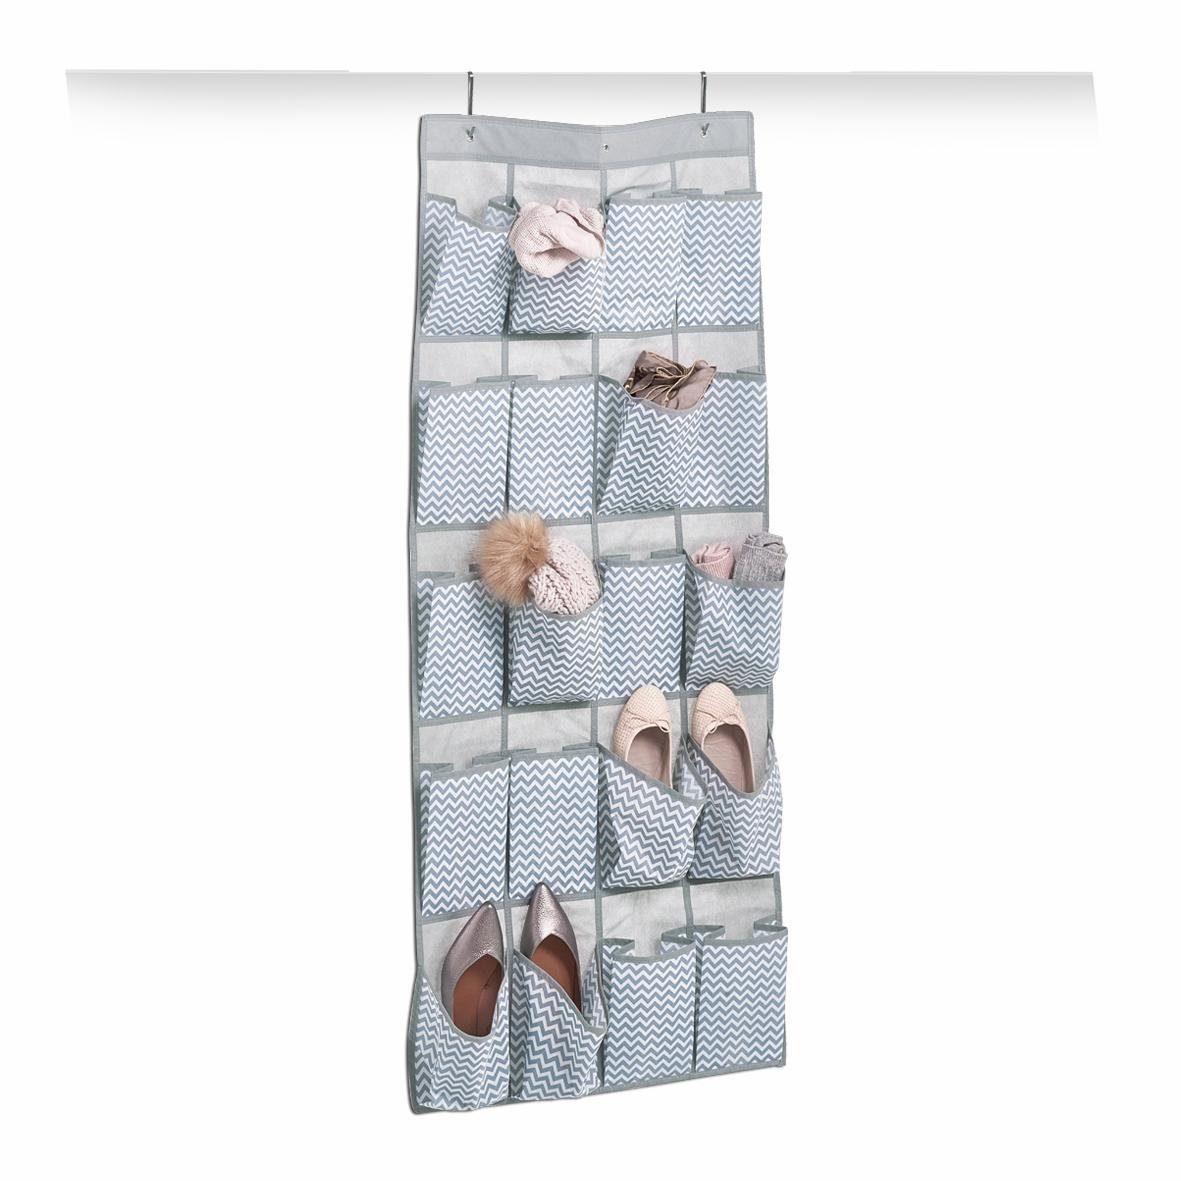 andas Hänge-Aufbewahrung, 20 Fächer, Vlies, weiß/grau 56x136